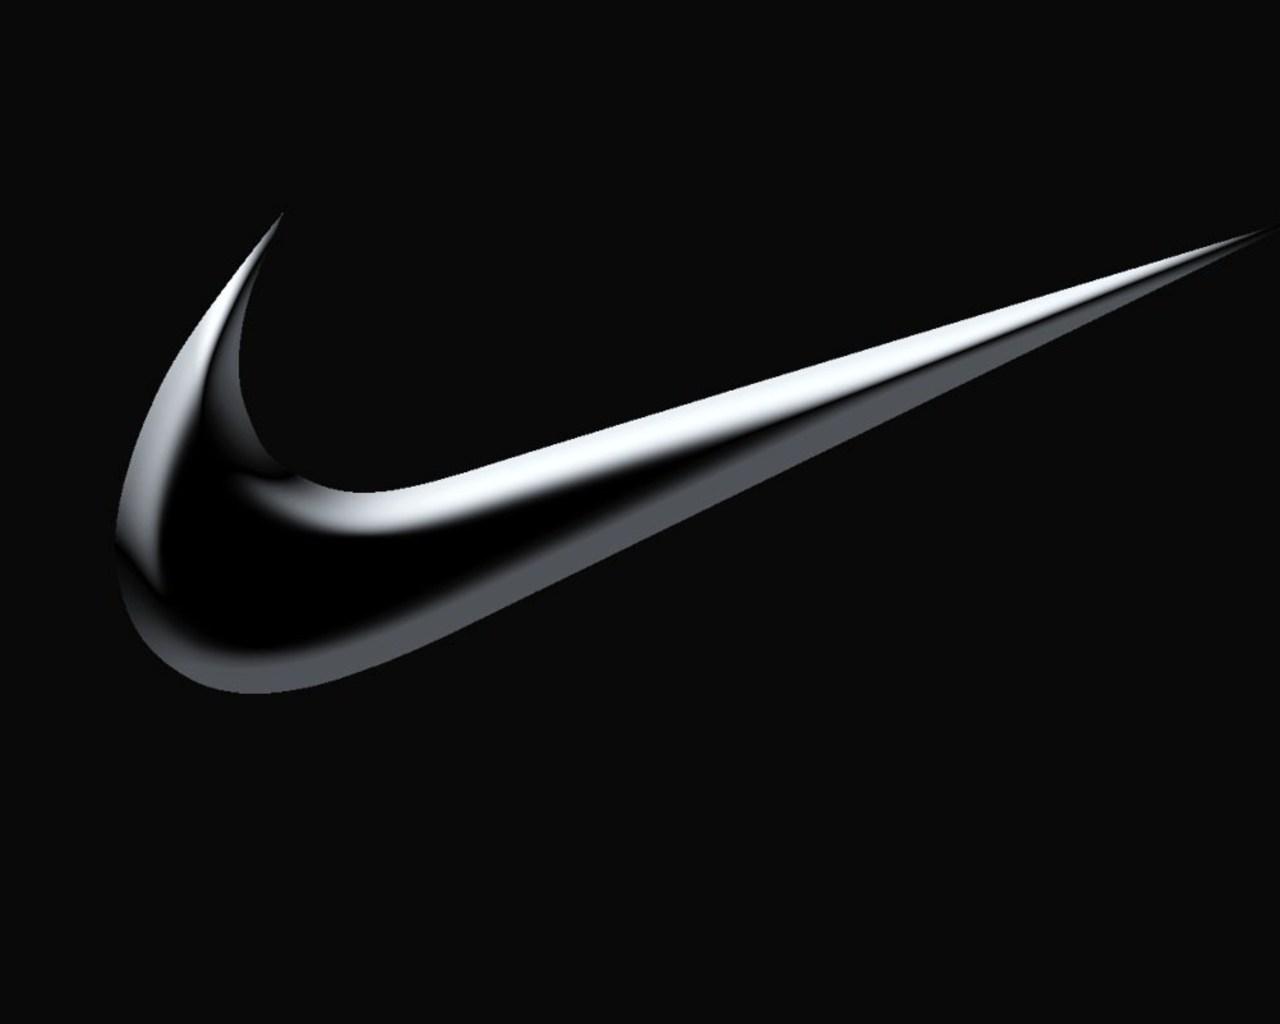 Download 640 Background Hitam Nike Paling Keren